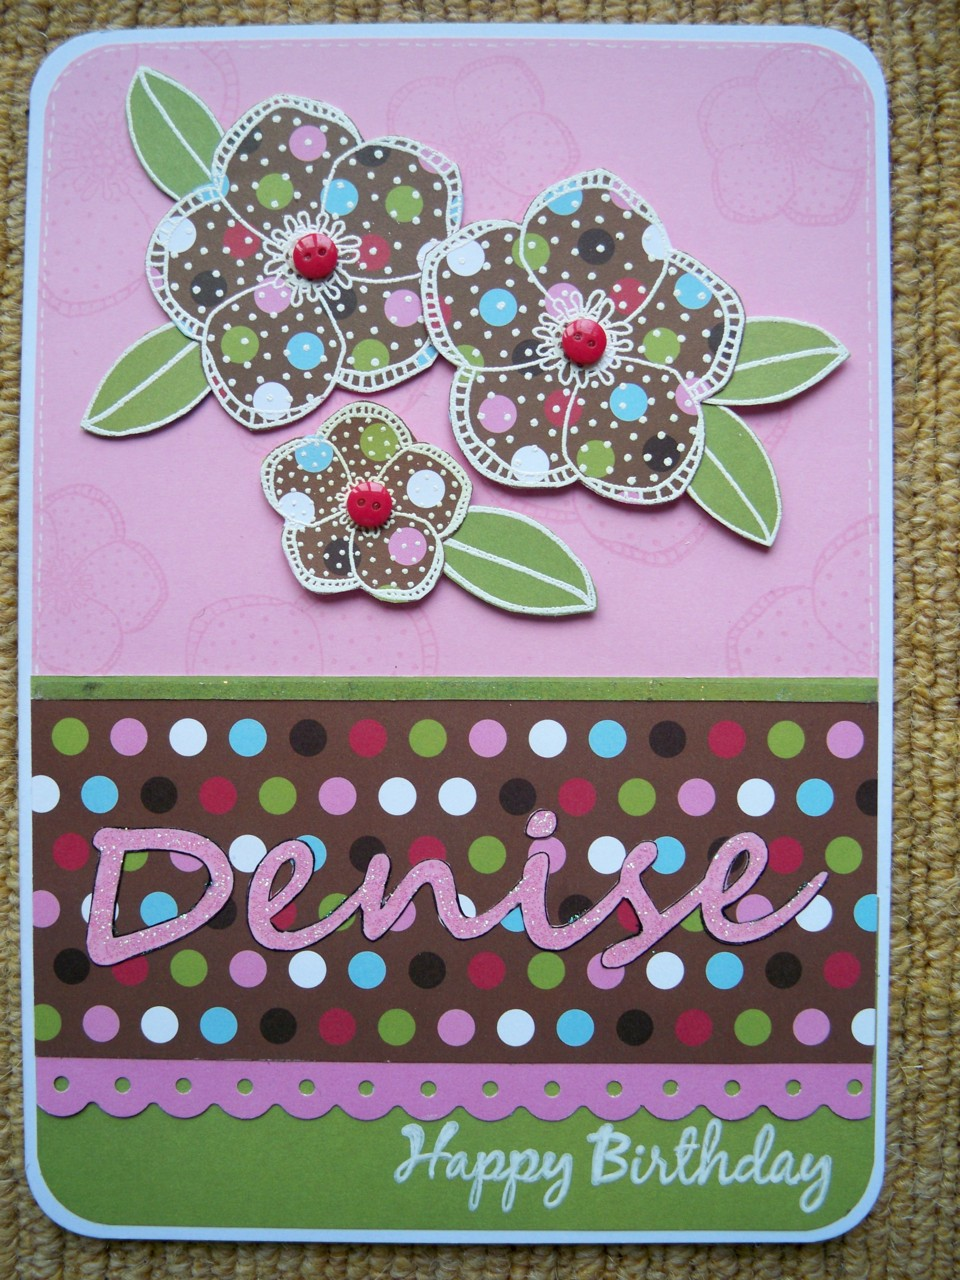 Fabriquer carte anniversaire 06 photo de carte fait main - Carte anniversaire fait main ...